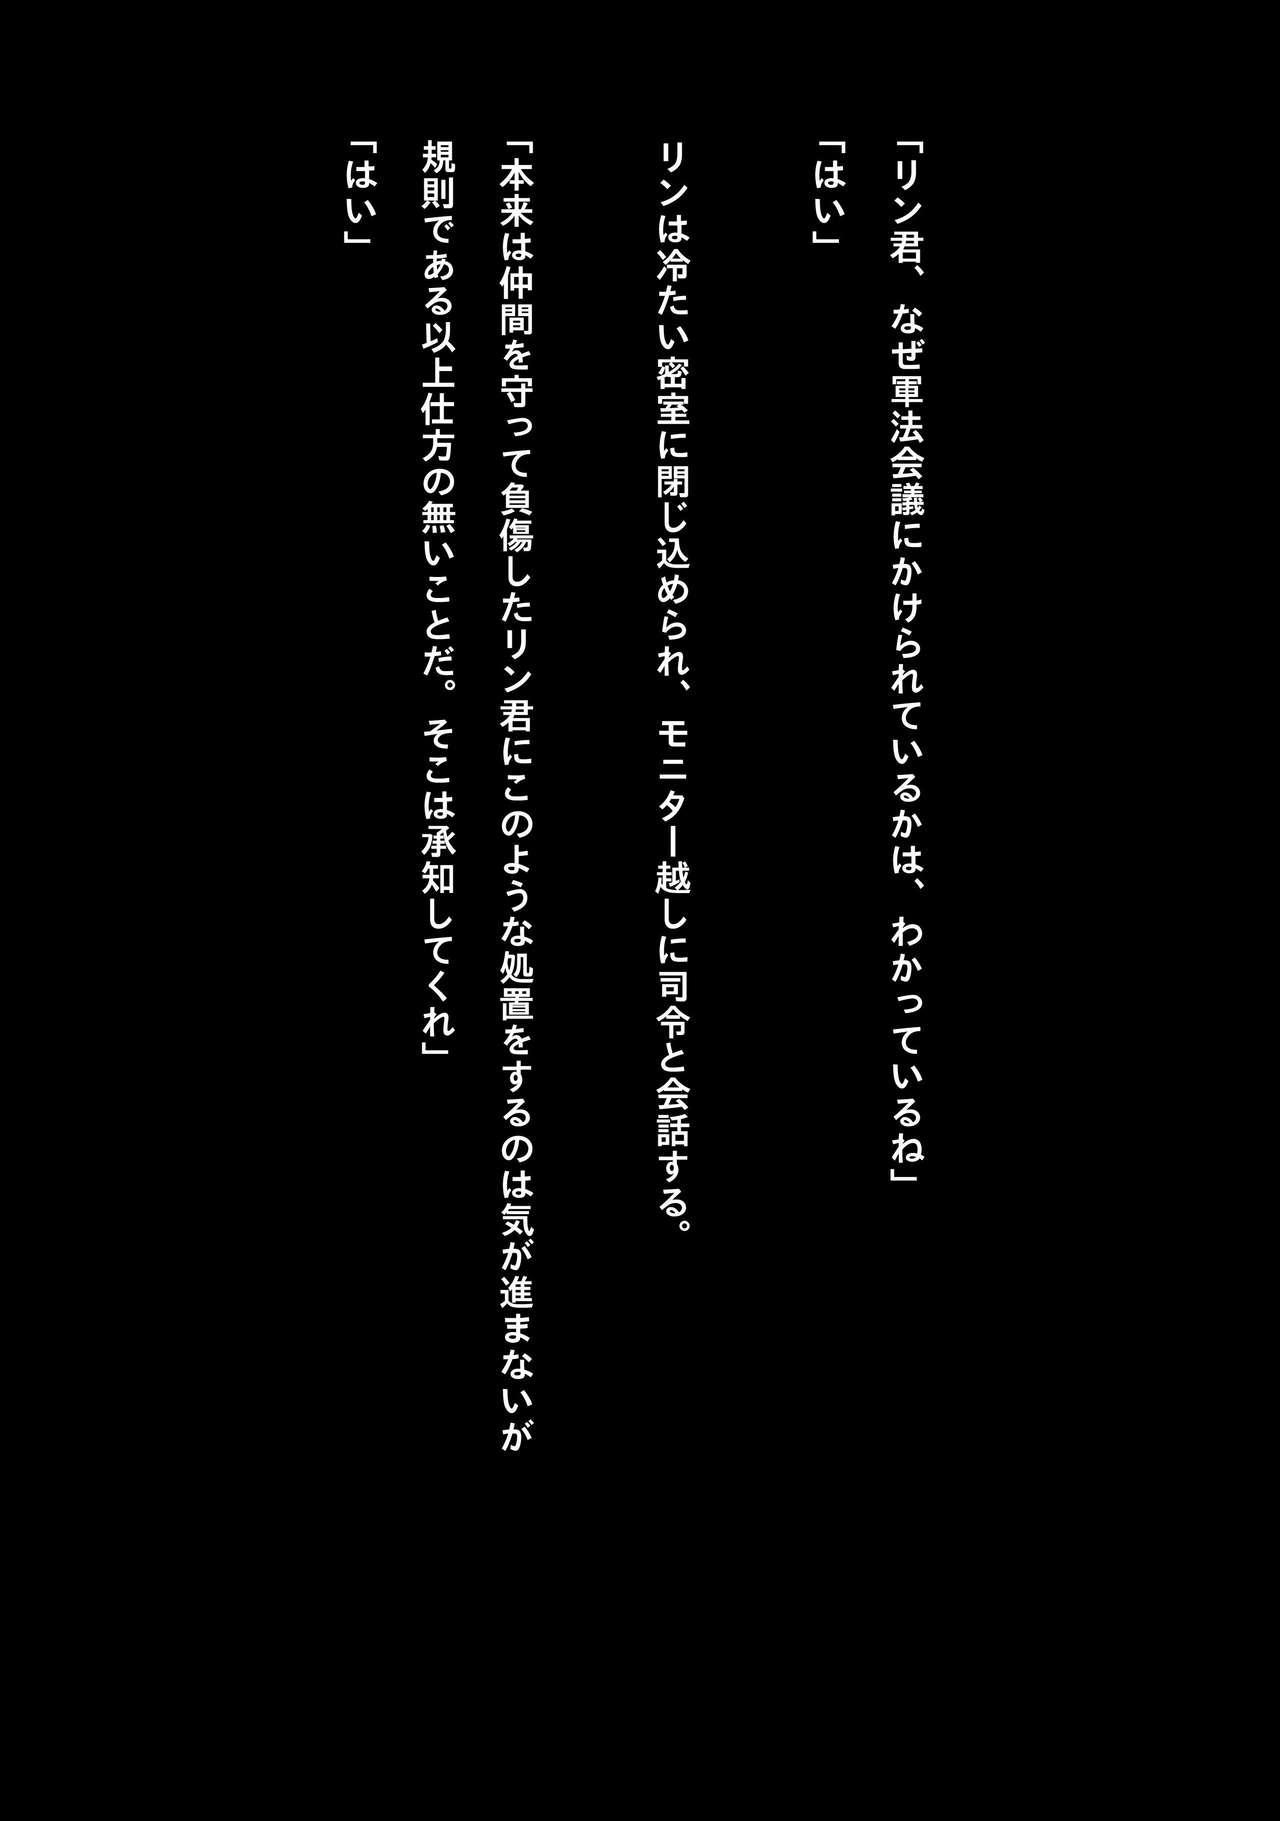 Idol Cyber Battle NEO GENERATOR episode 3 Seisan! Shi o kakugo shita shunkan 8